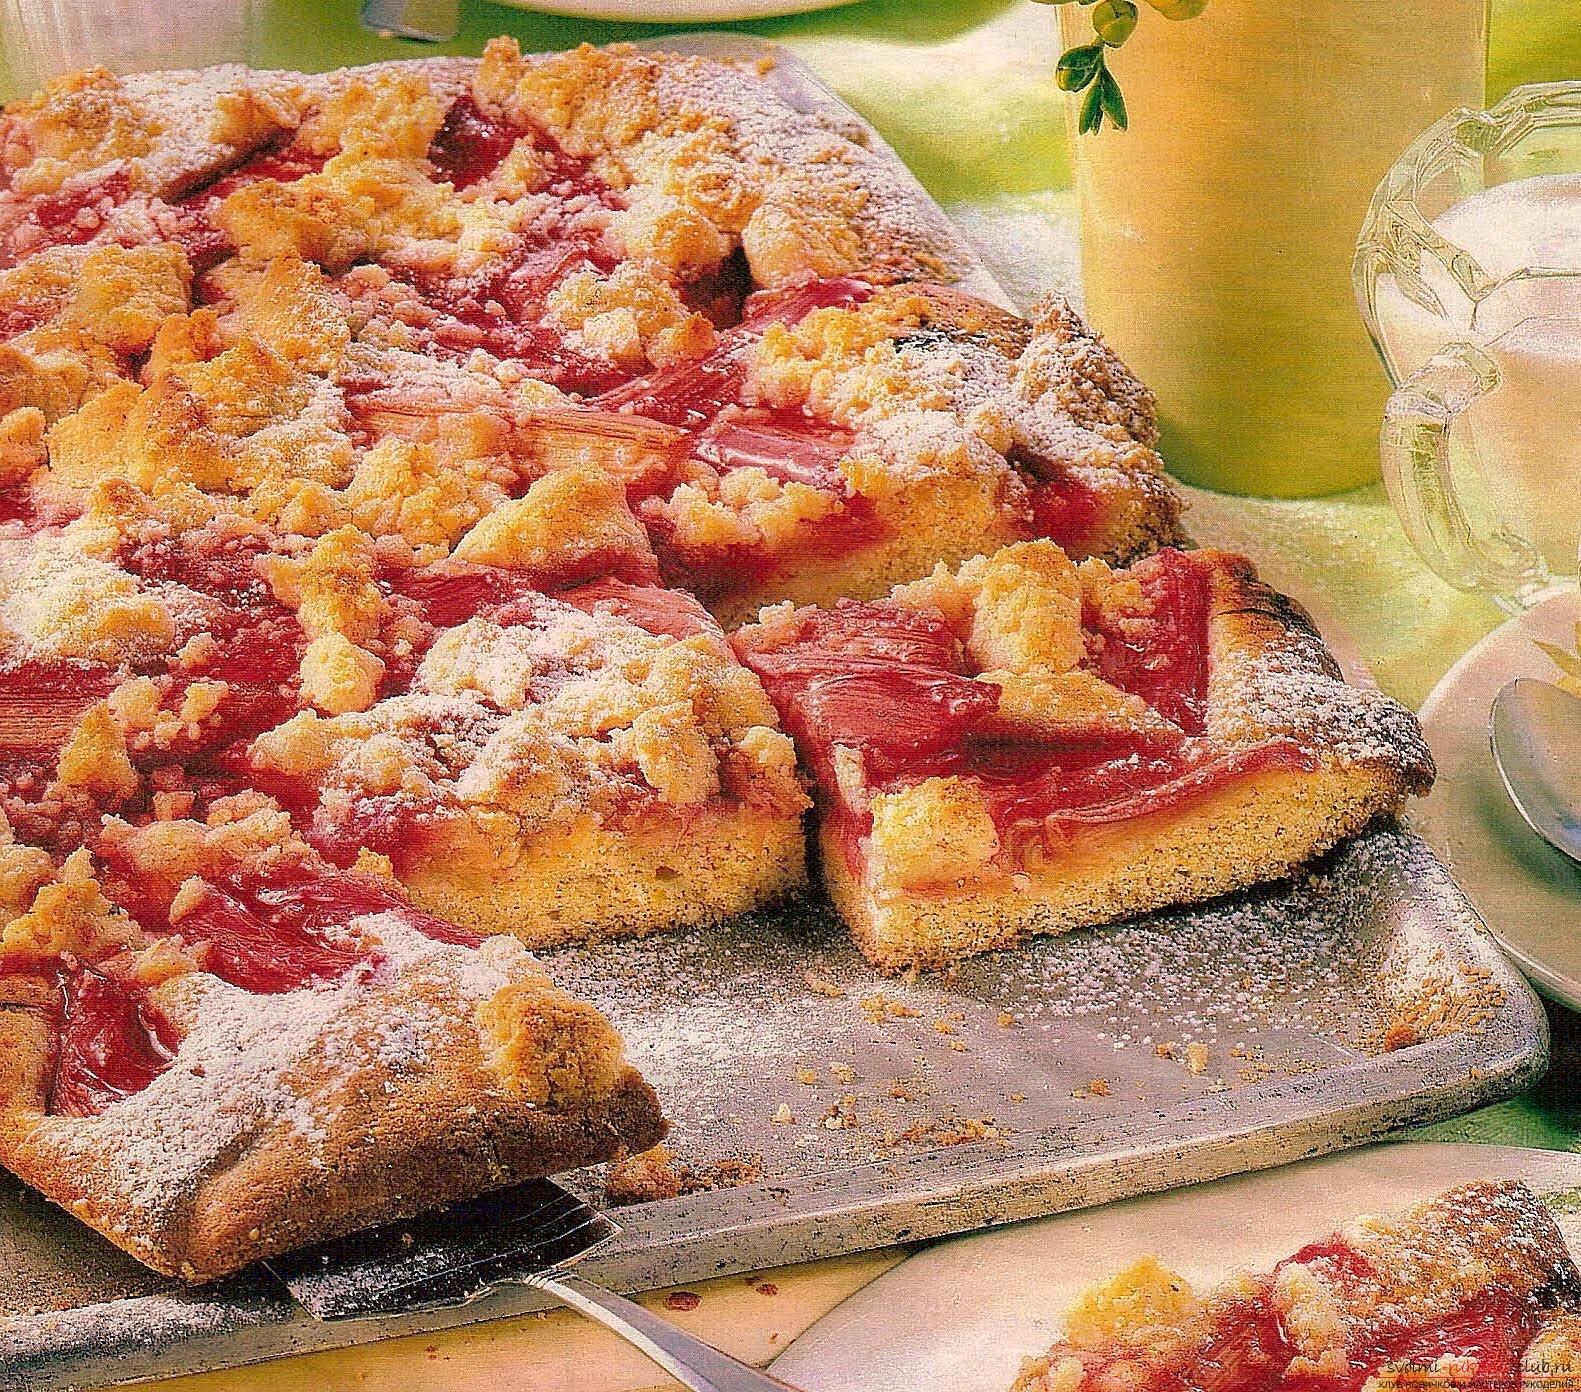 Быстрый рецепт пирога с ревенем, выпечка на скорую руку пирога и фотографии